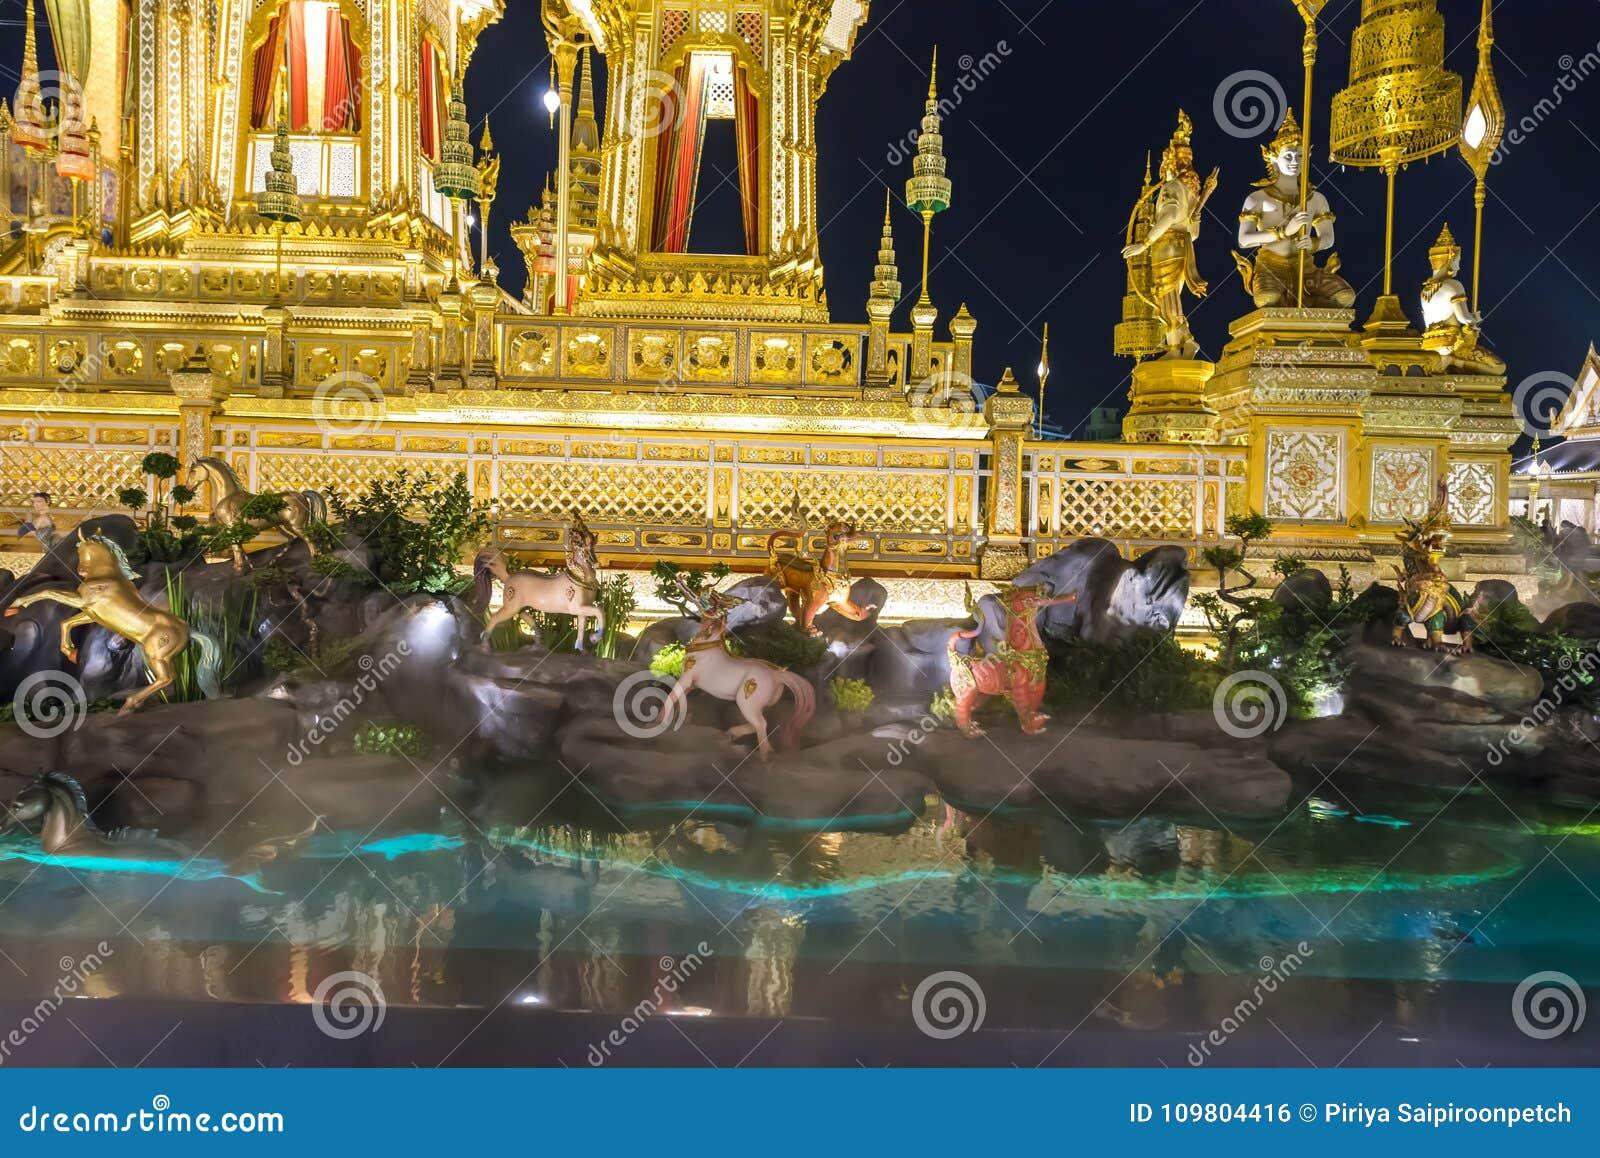 Canteiro de obras da pira funerária fúnebre real na noite em Banguecoque, Tailândia